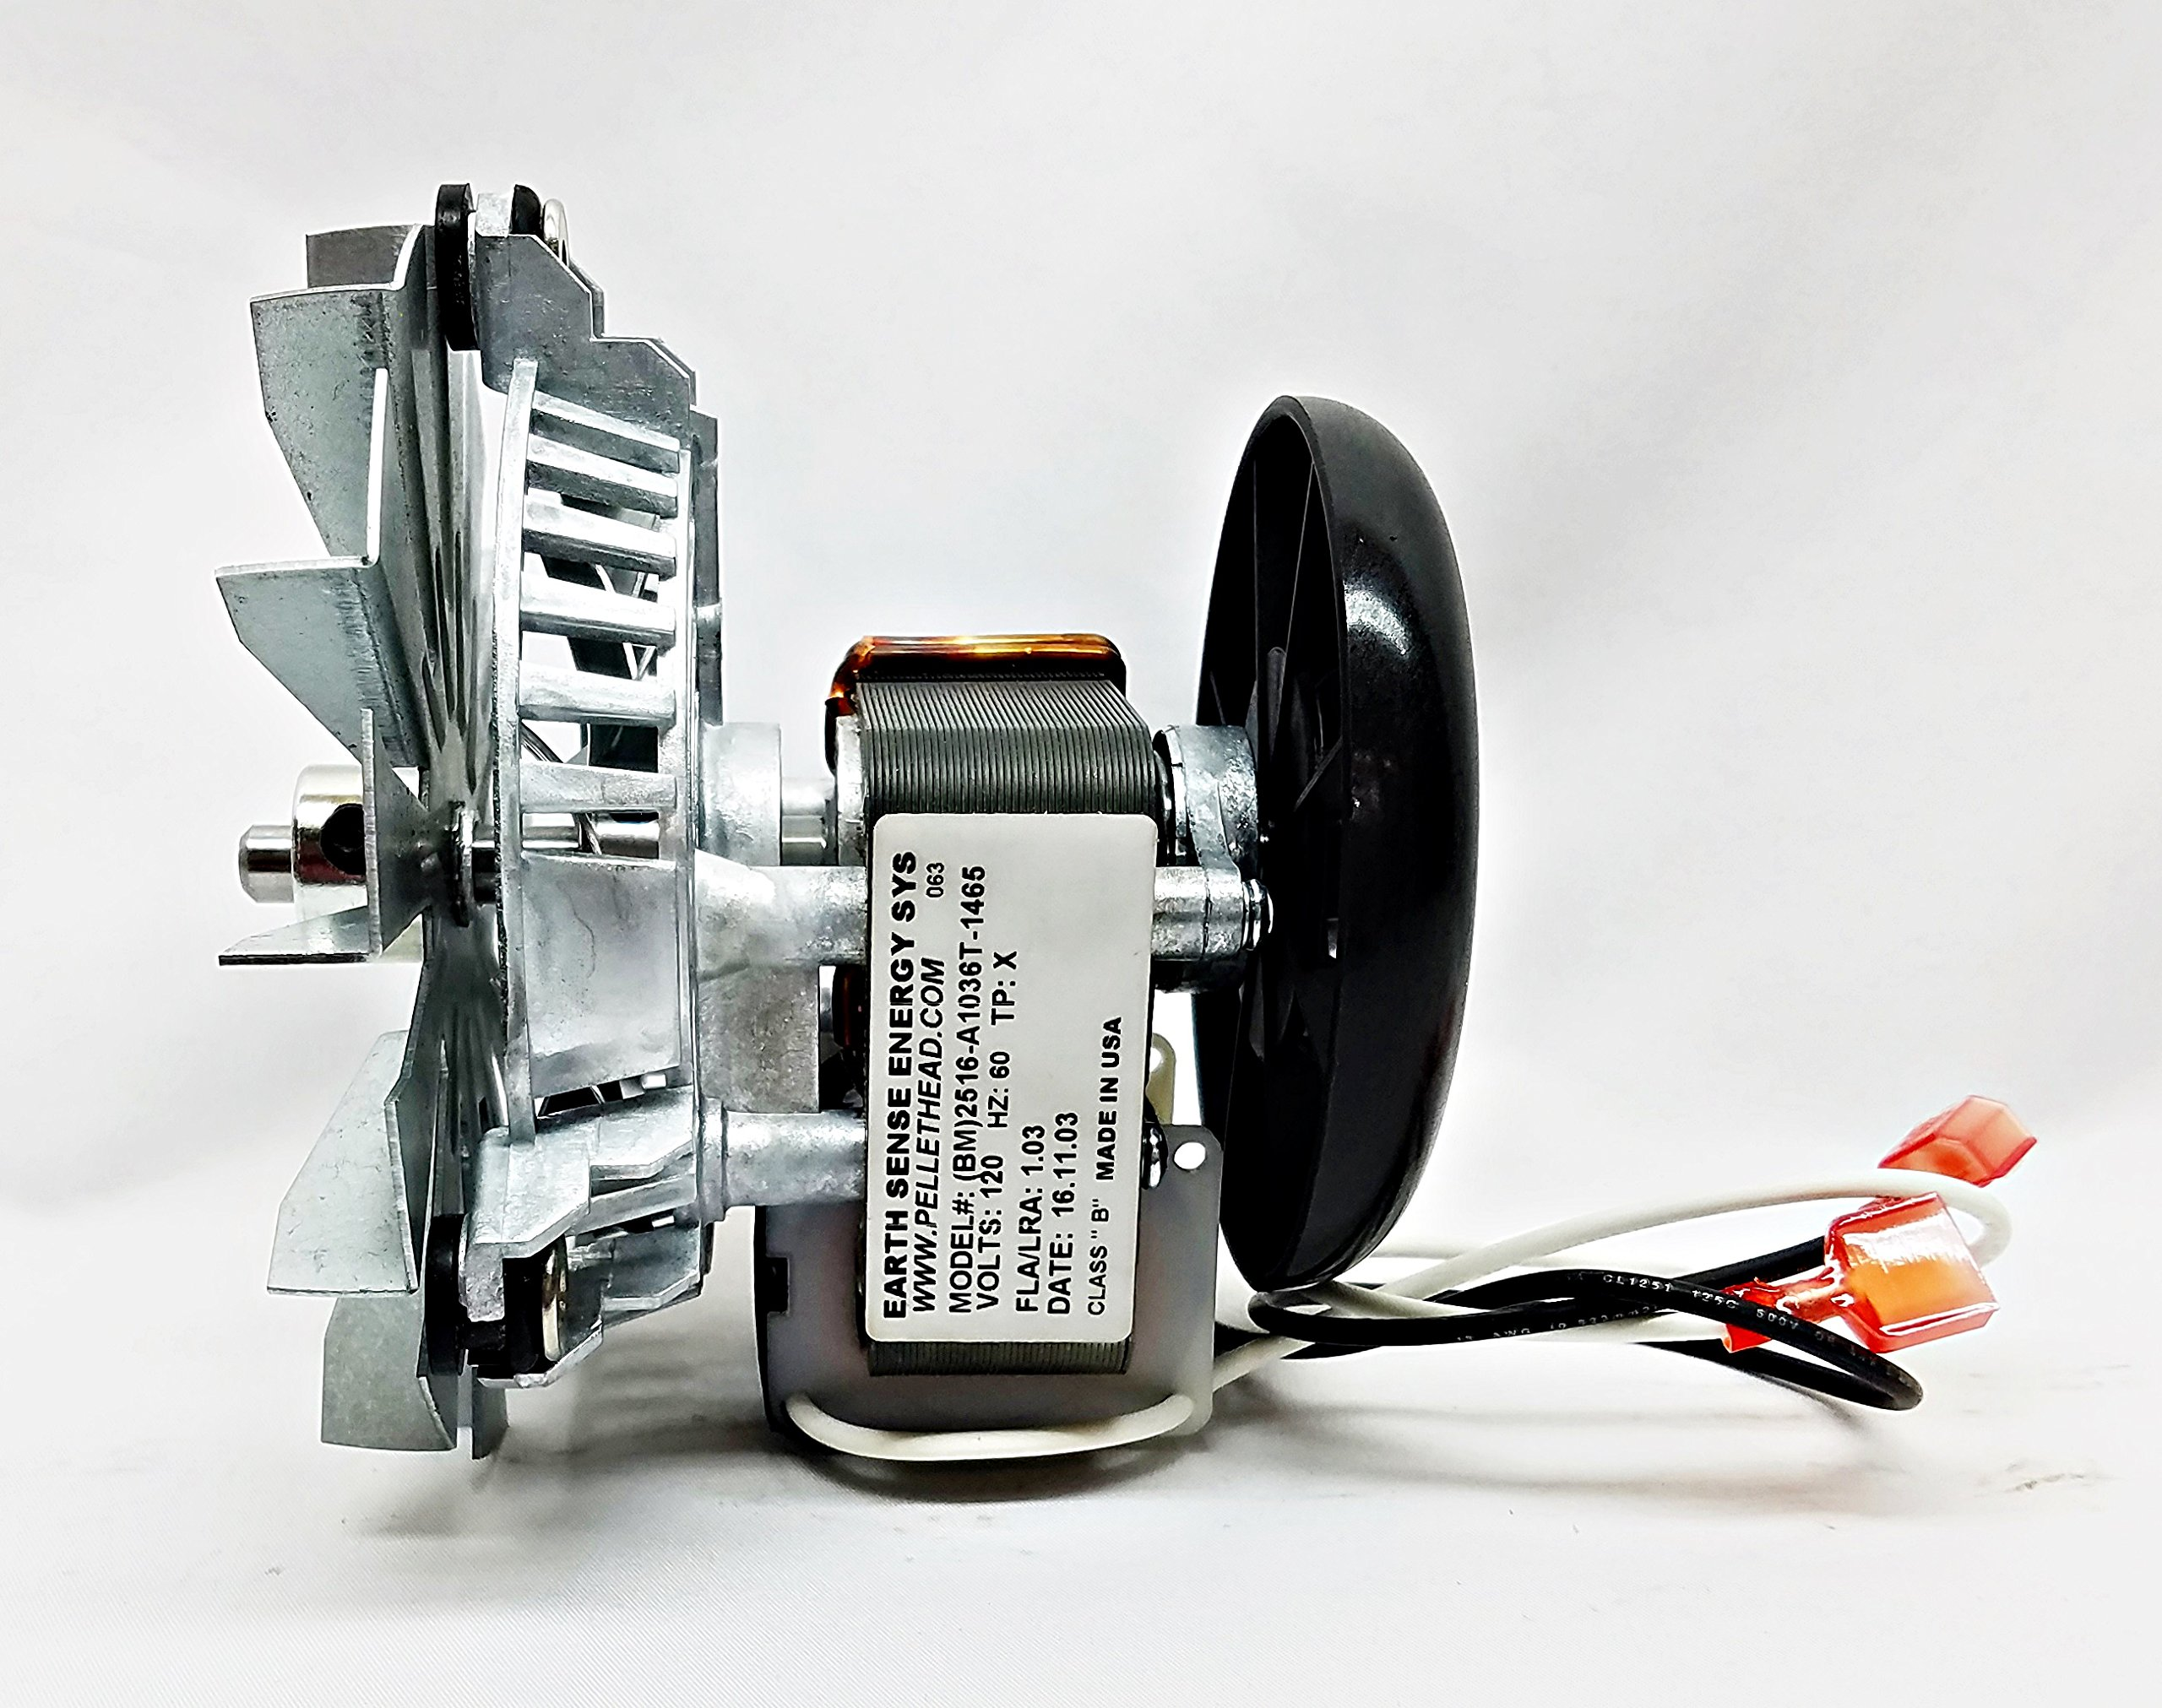 BayWin FS /& Insert Kozi 100 FAN12003 Pellet Combustion Exhaust Motor w Gasket